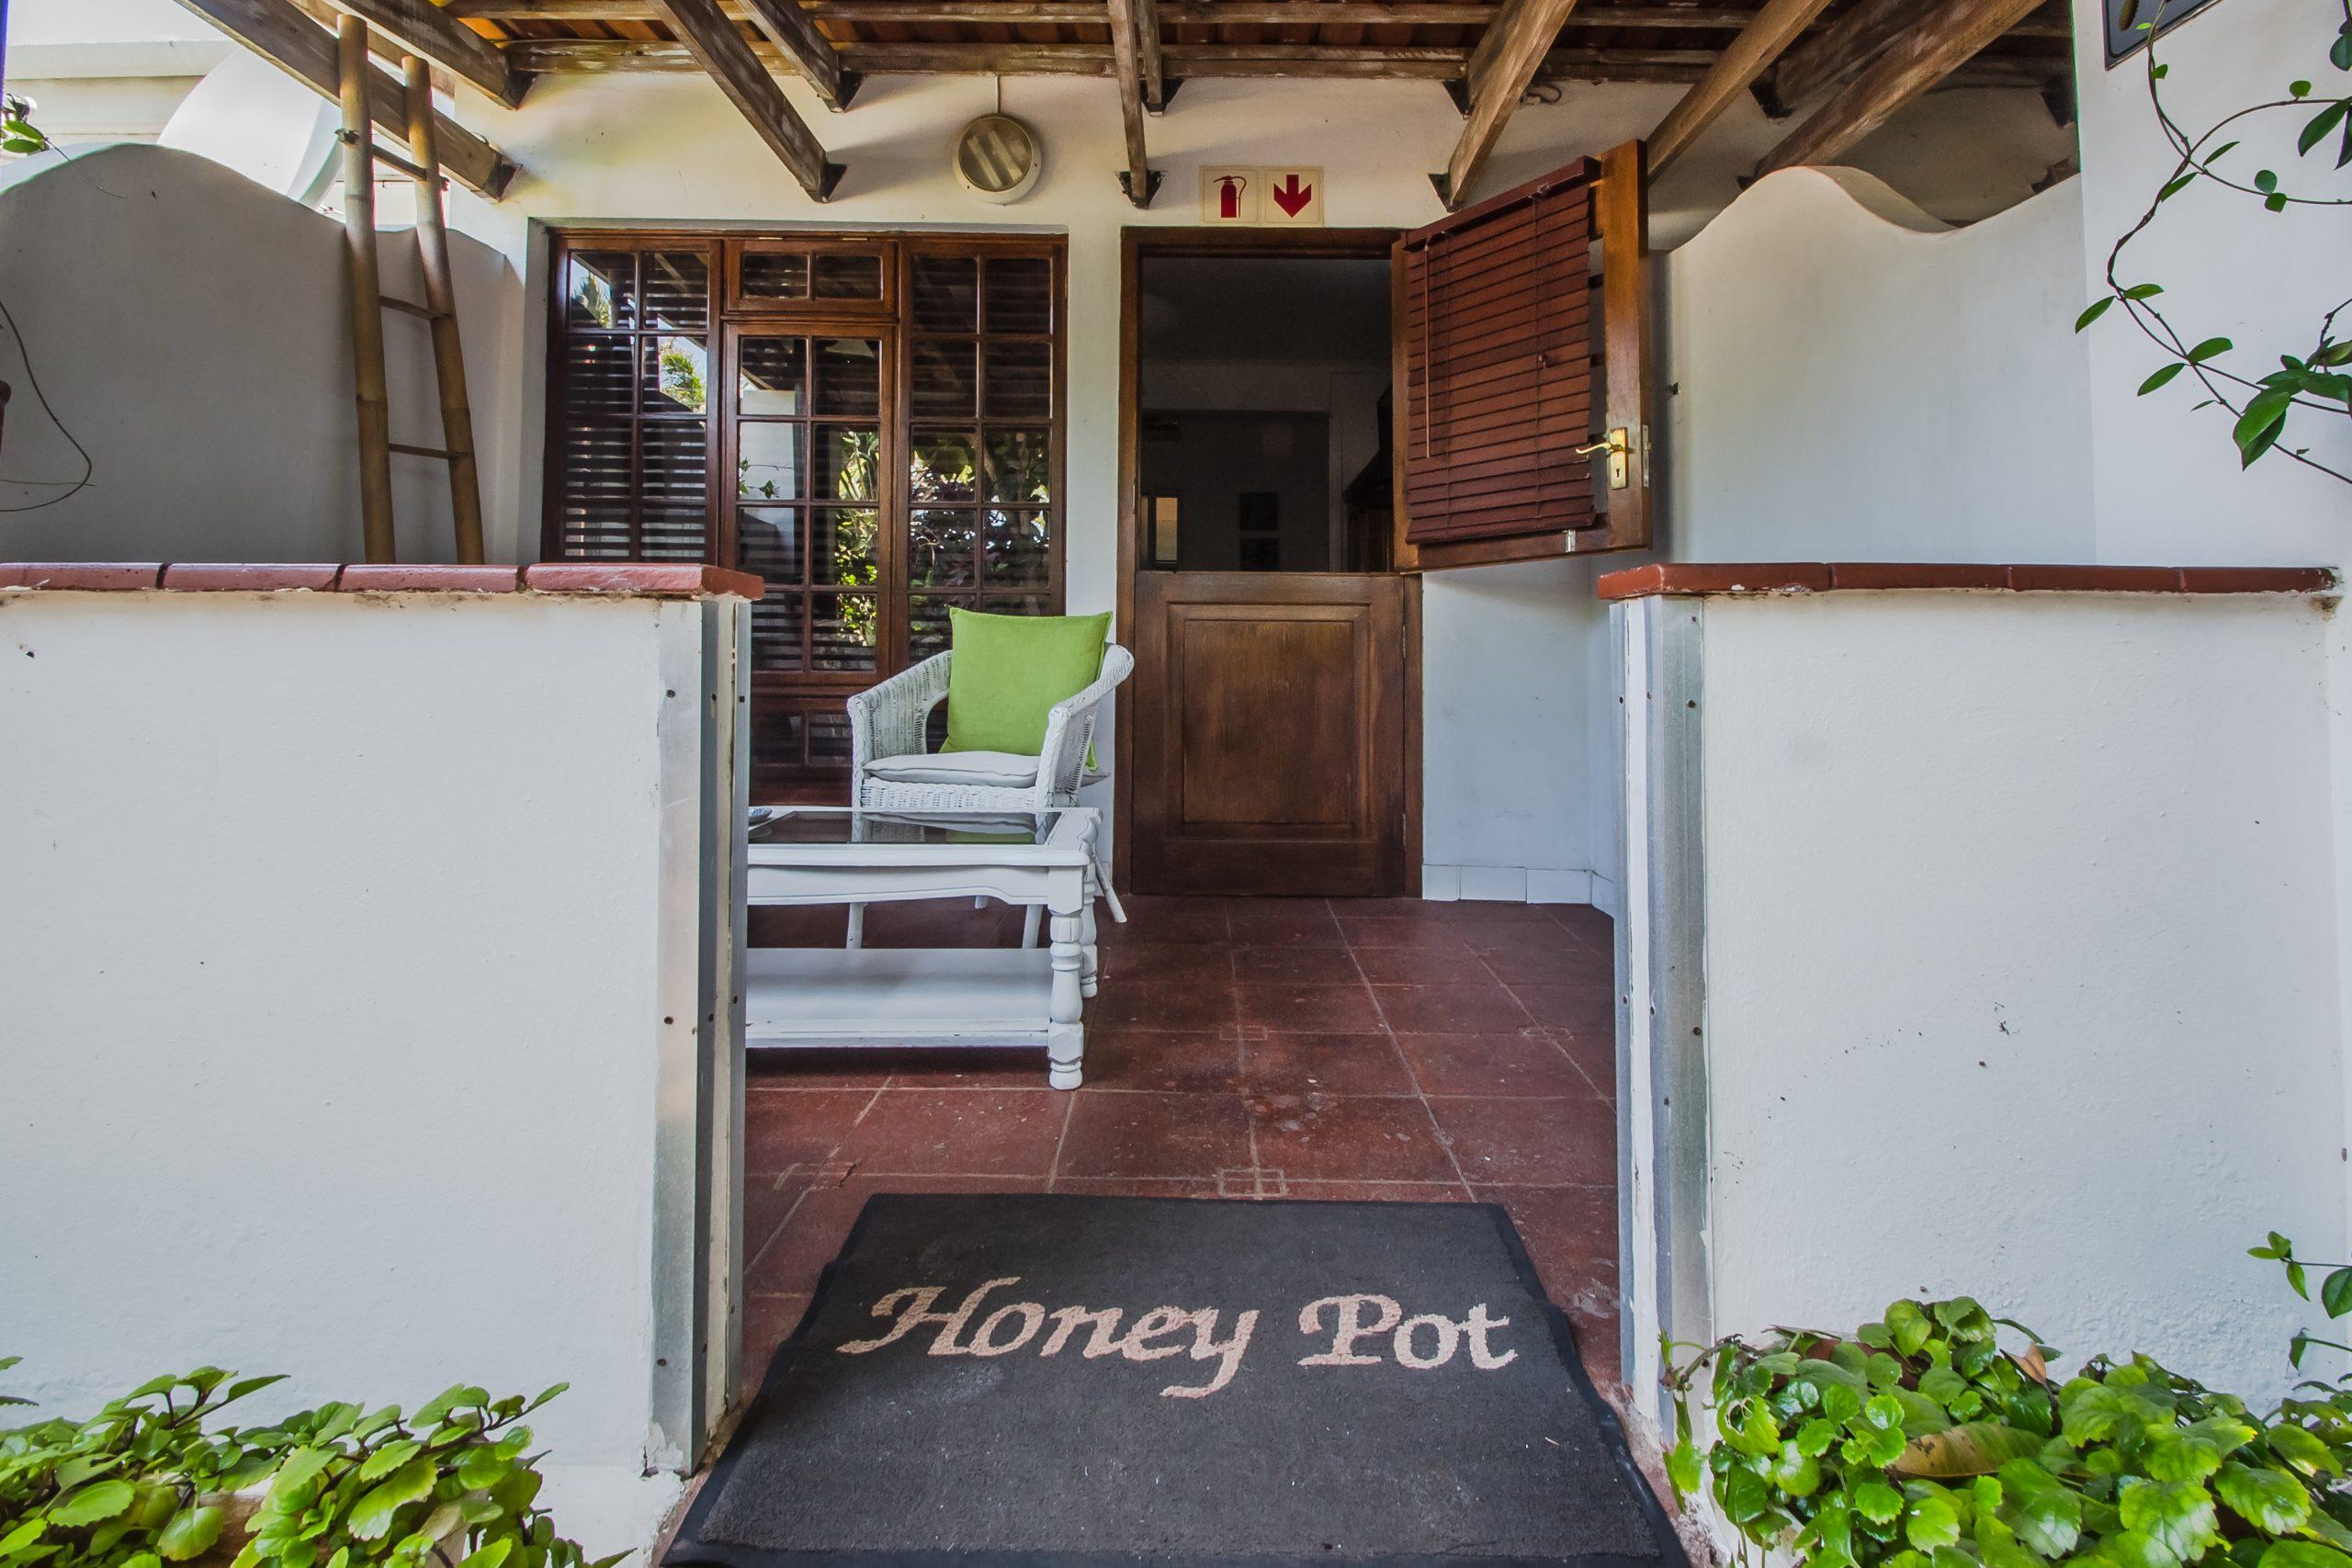 honeypot guesthouse-10